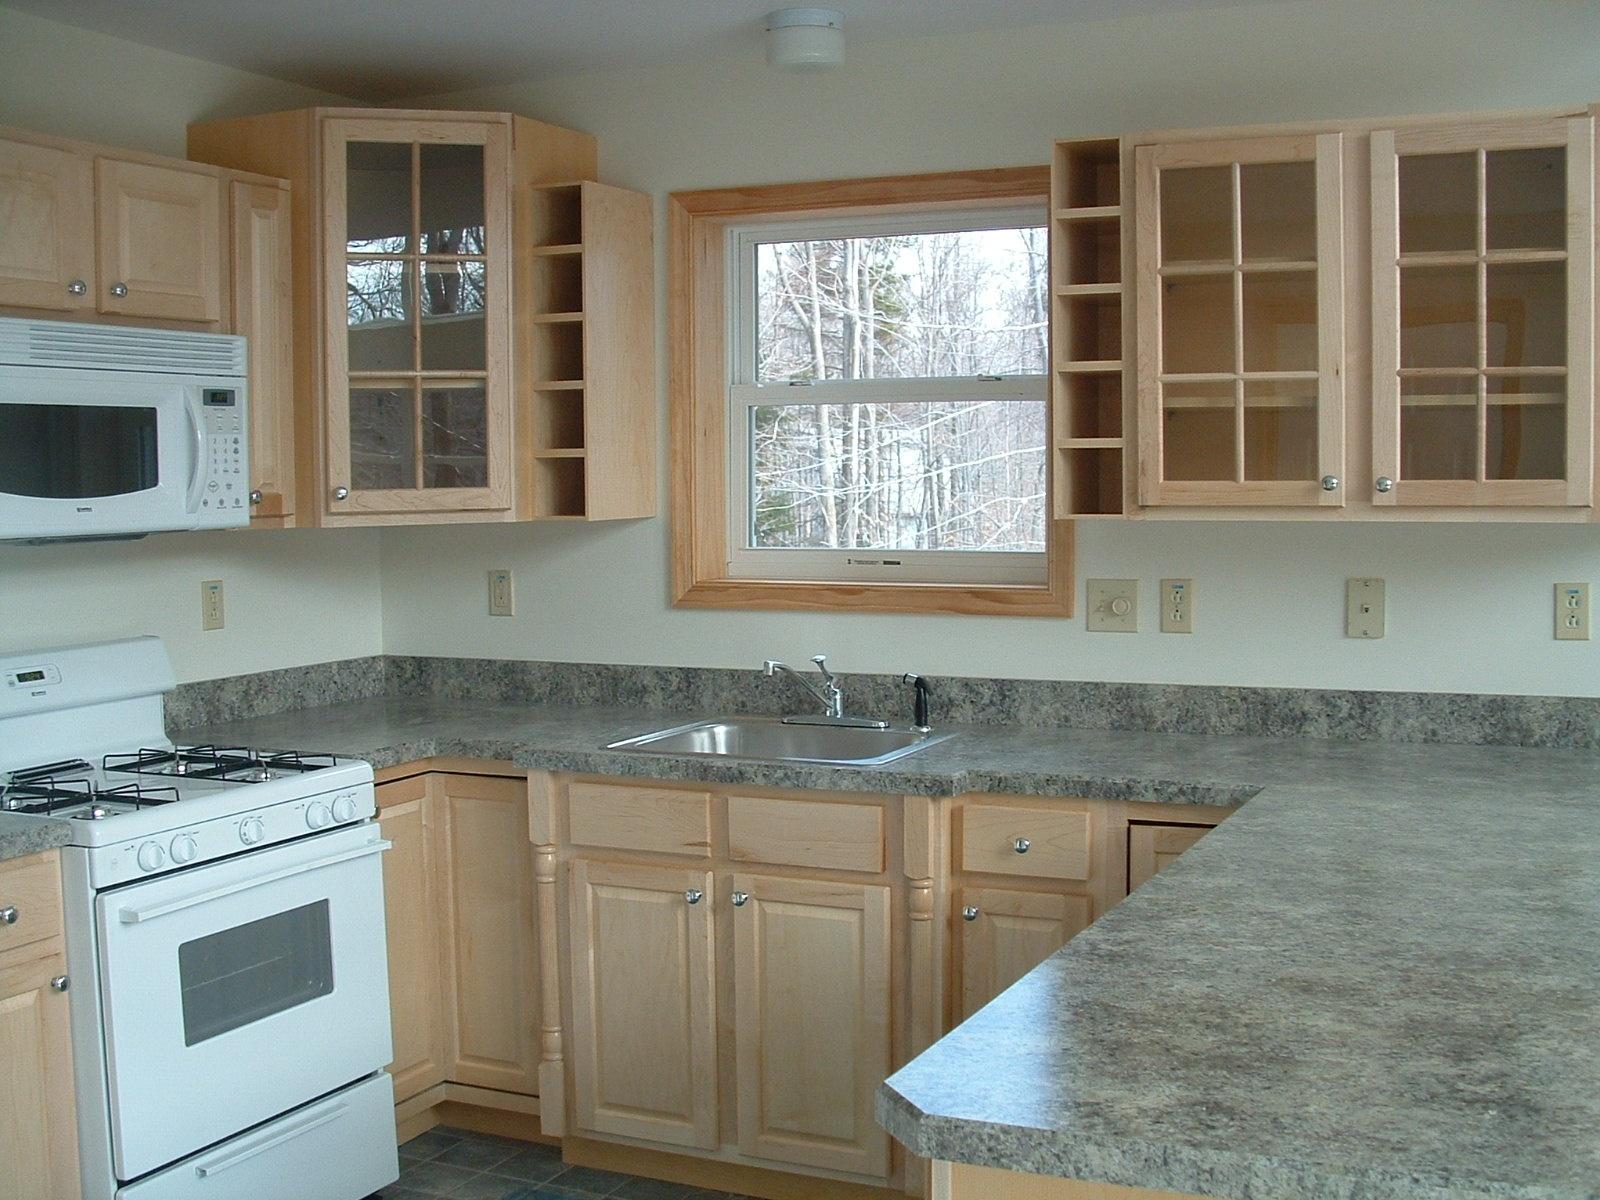 1528_kitchen2.jpg